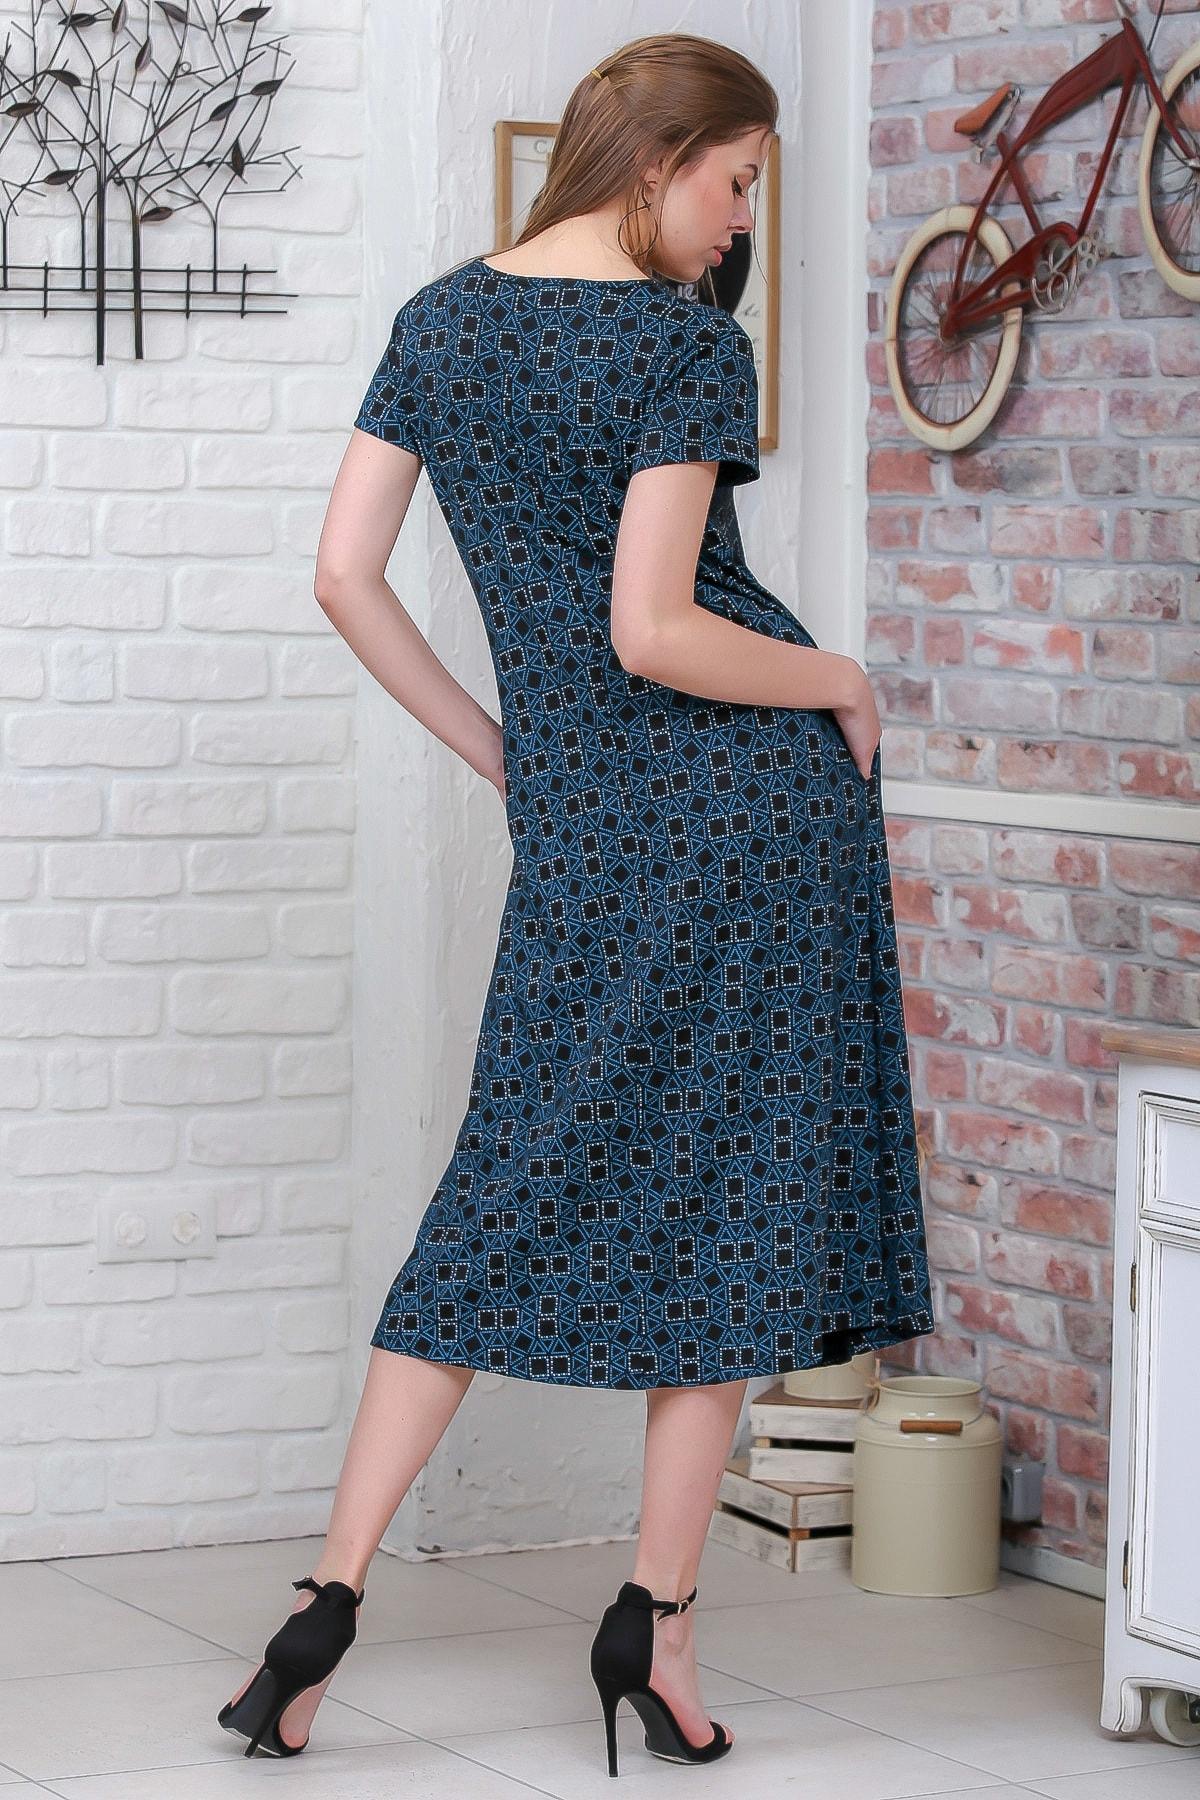 Chiccy Kadın Yeşil Sıfır Yaka Geometrik Desenli Gizli Cepli Salaş Elbise M10160000EL95550 3